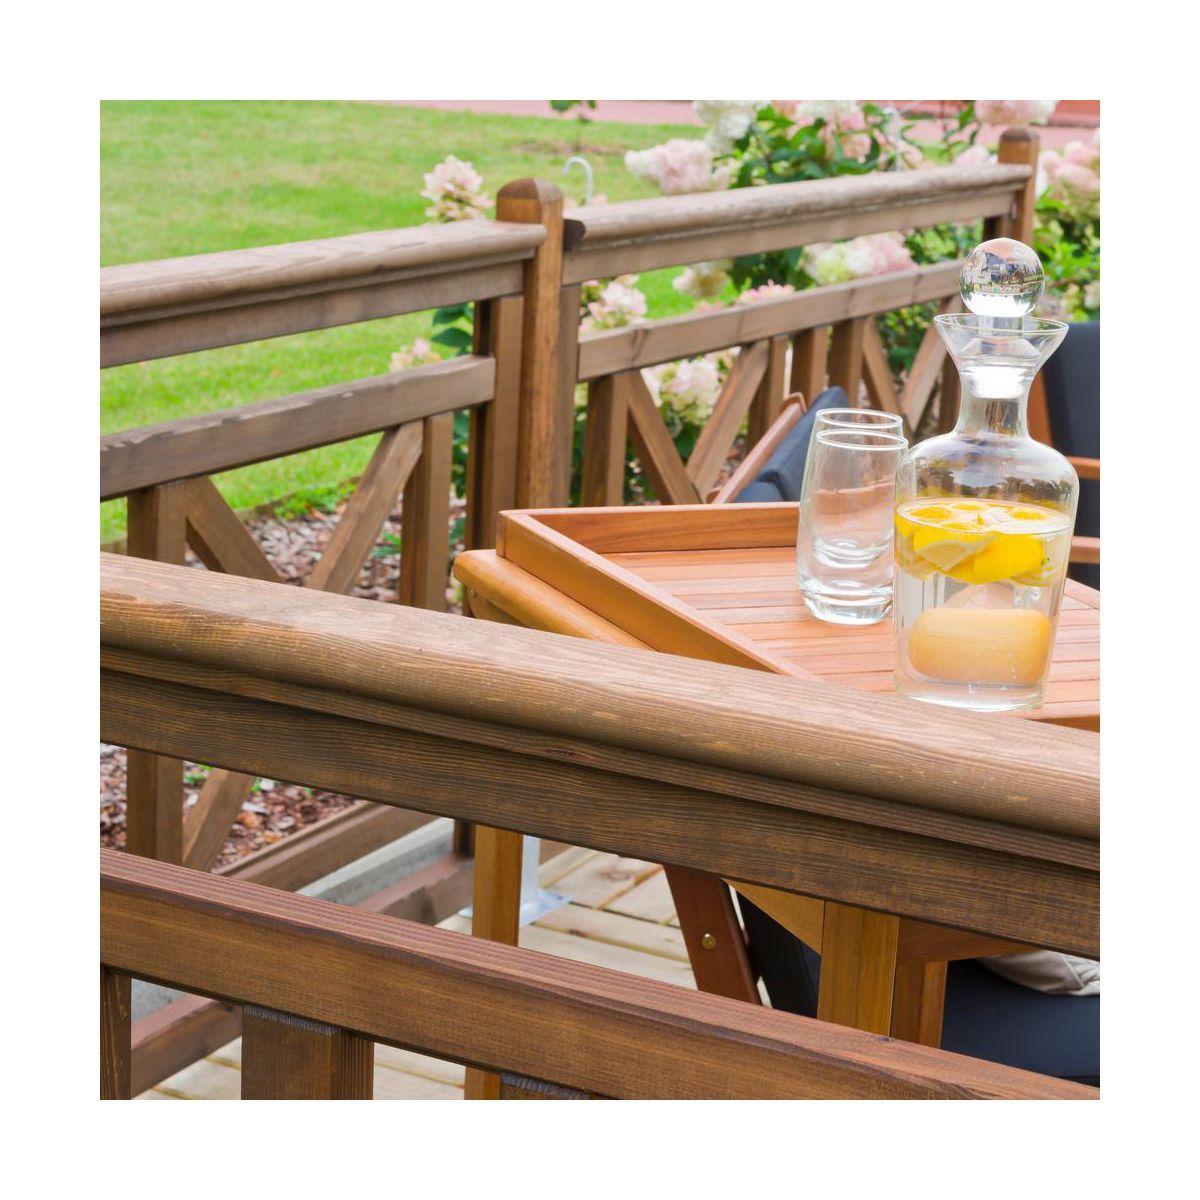 Plot Tarasowy Z Porecza Ken Sobex W Atrakcyjnej Cenie W Sklepach Leroy Merlin Handrail Plots